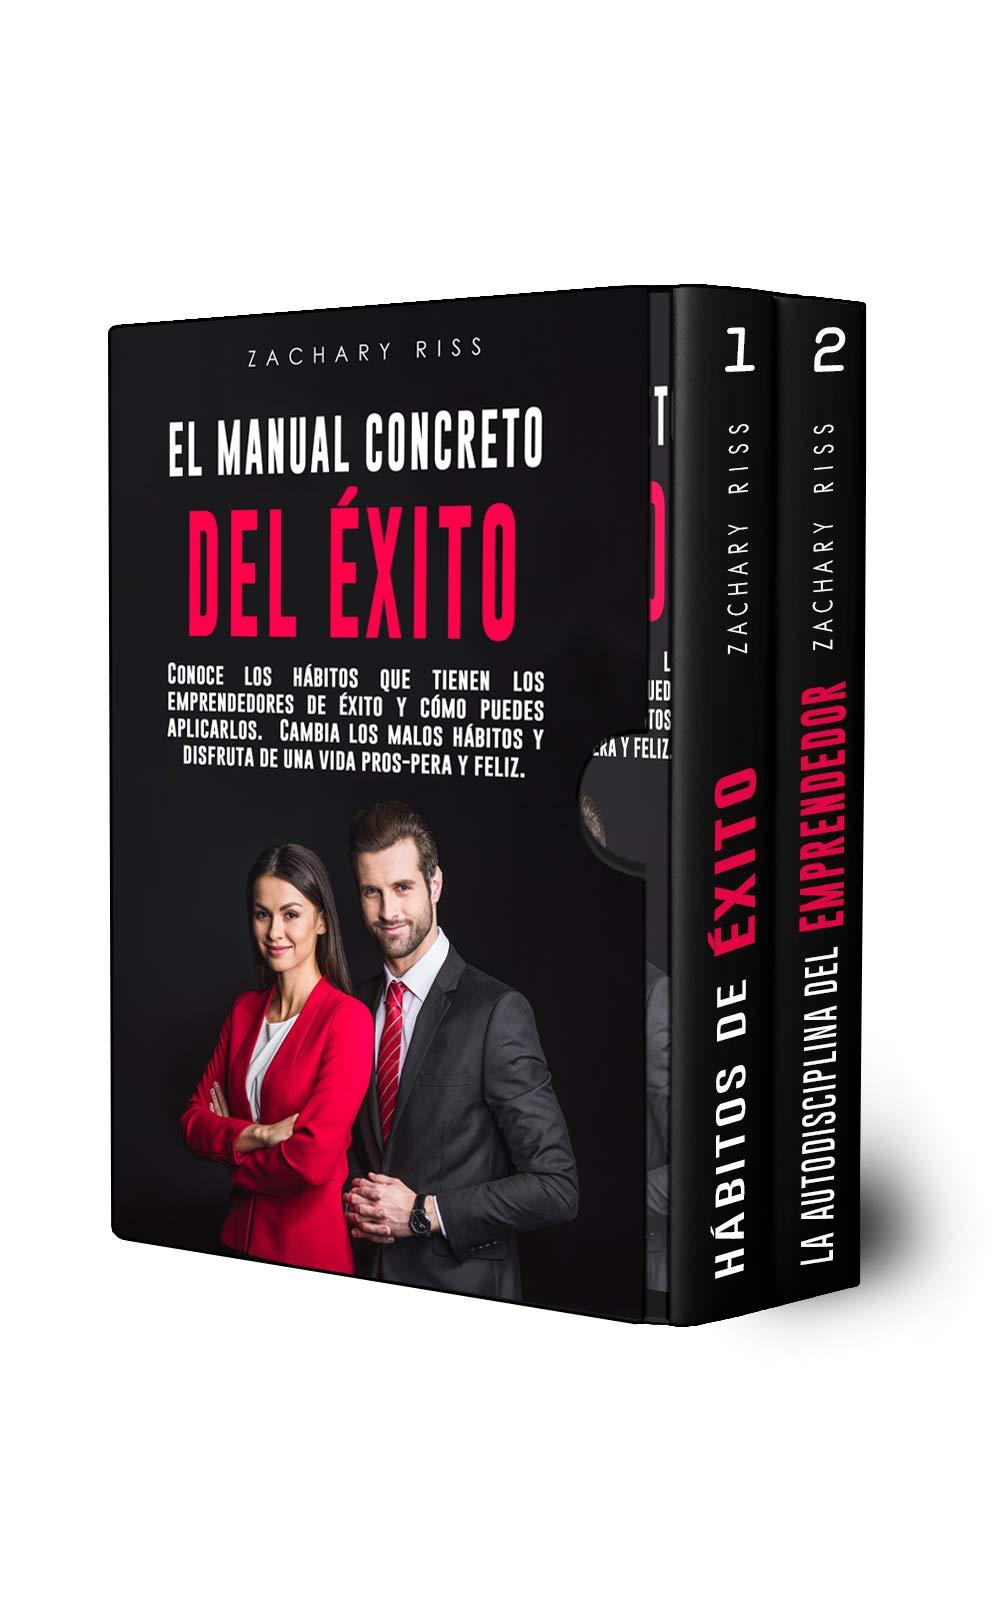 El Manual Concreto del Éxito - Colección 2 en 1 Conoce los hábitos que tienen los emprendedores de éxito y cómo puedes aplicarlos. Cambia los malos hábitos ... y feliz. (Negocios nº 4) (Spanish Edition)